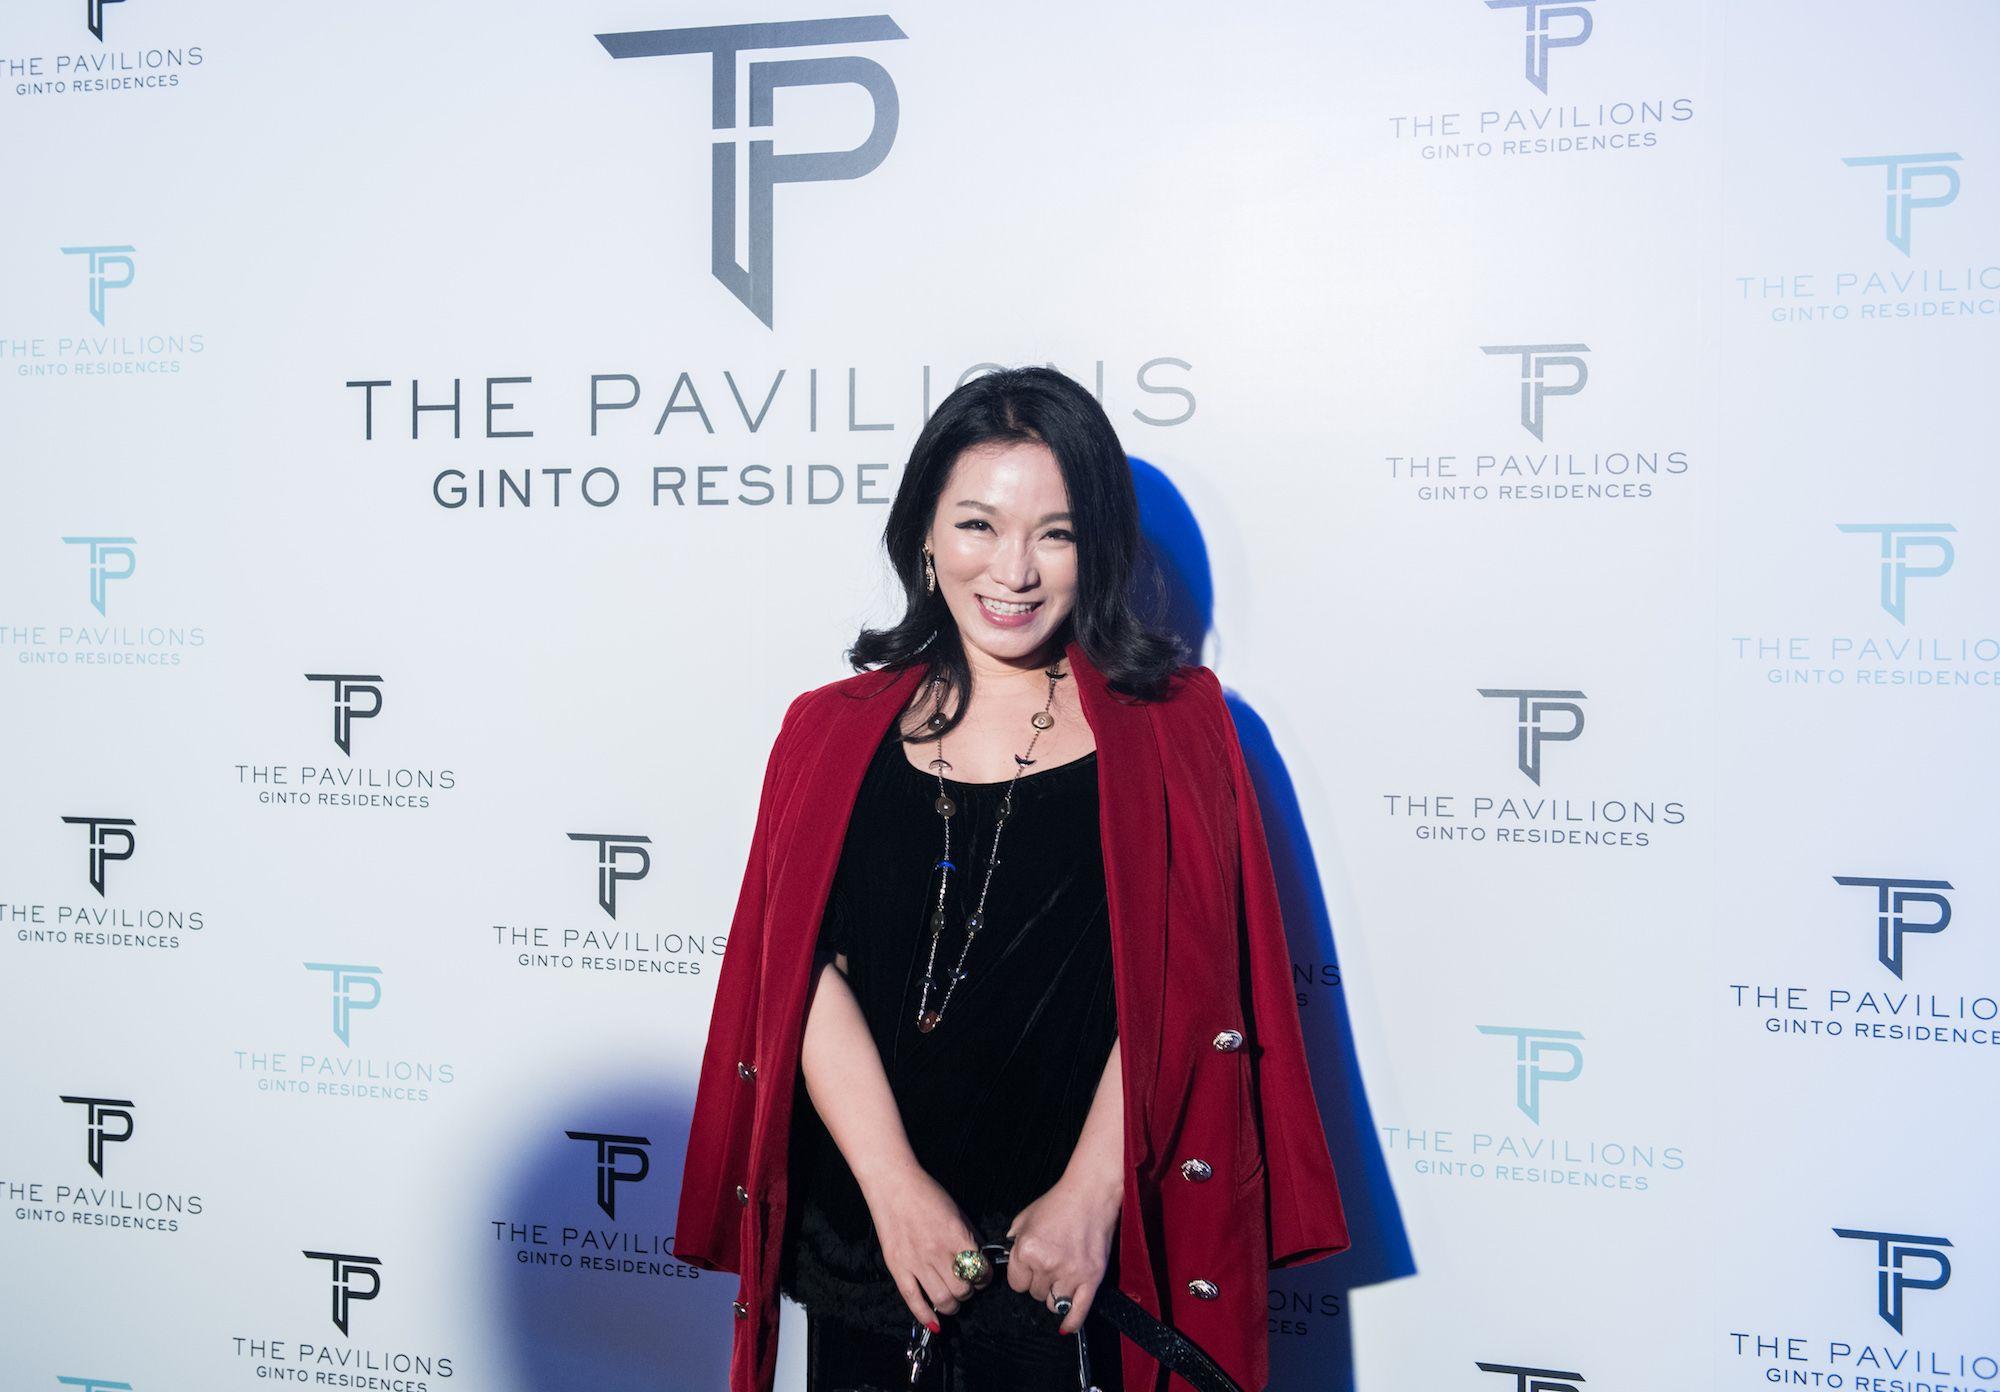 Rachel Park-Monballiu